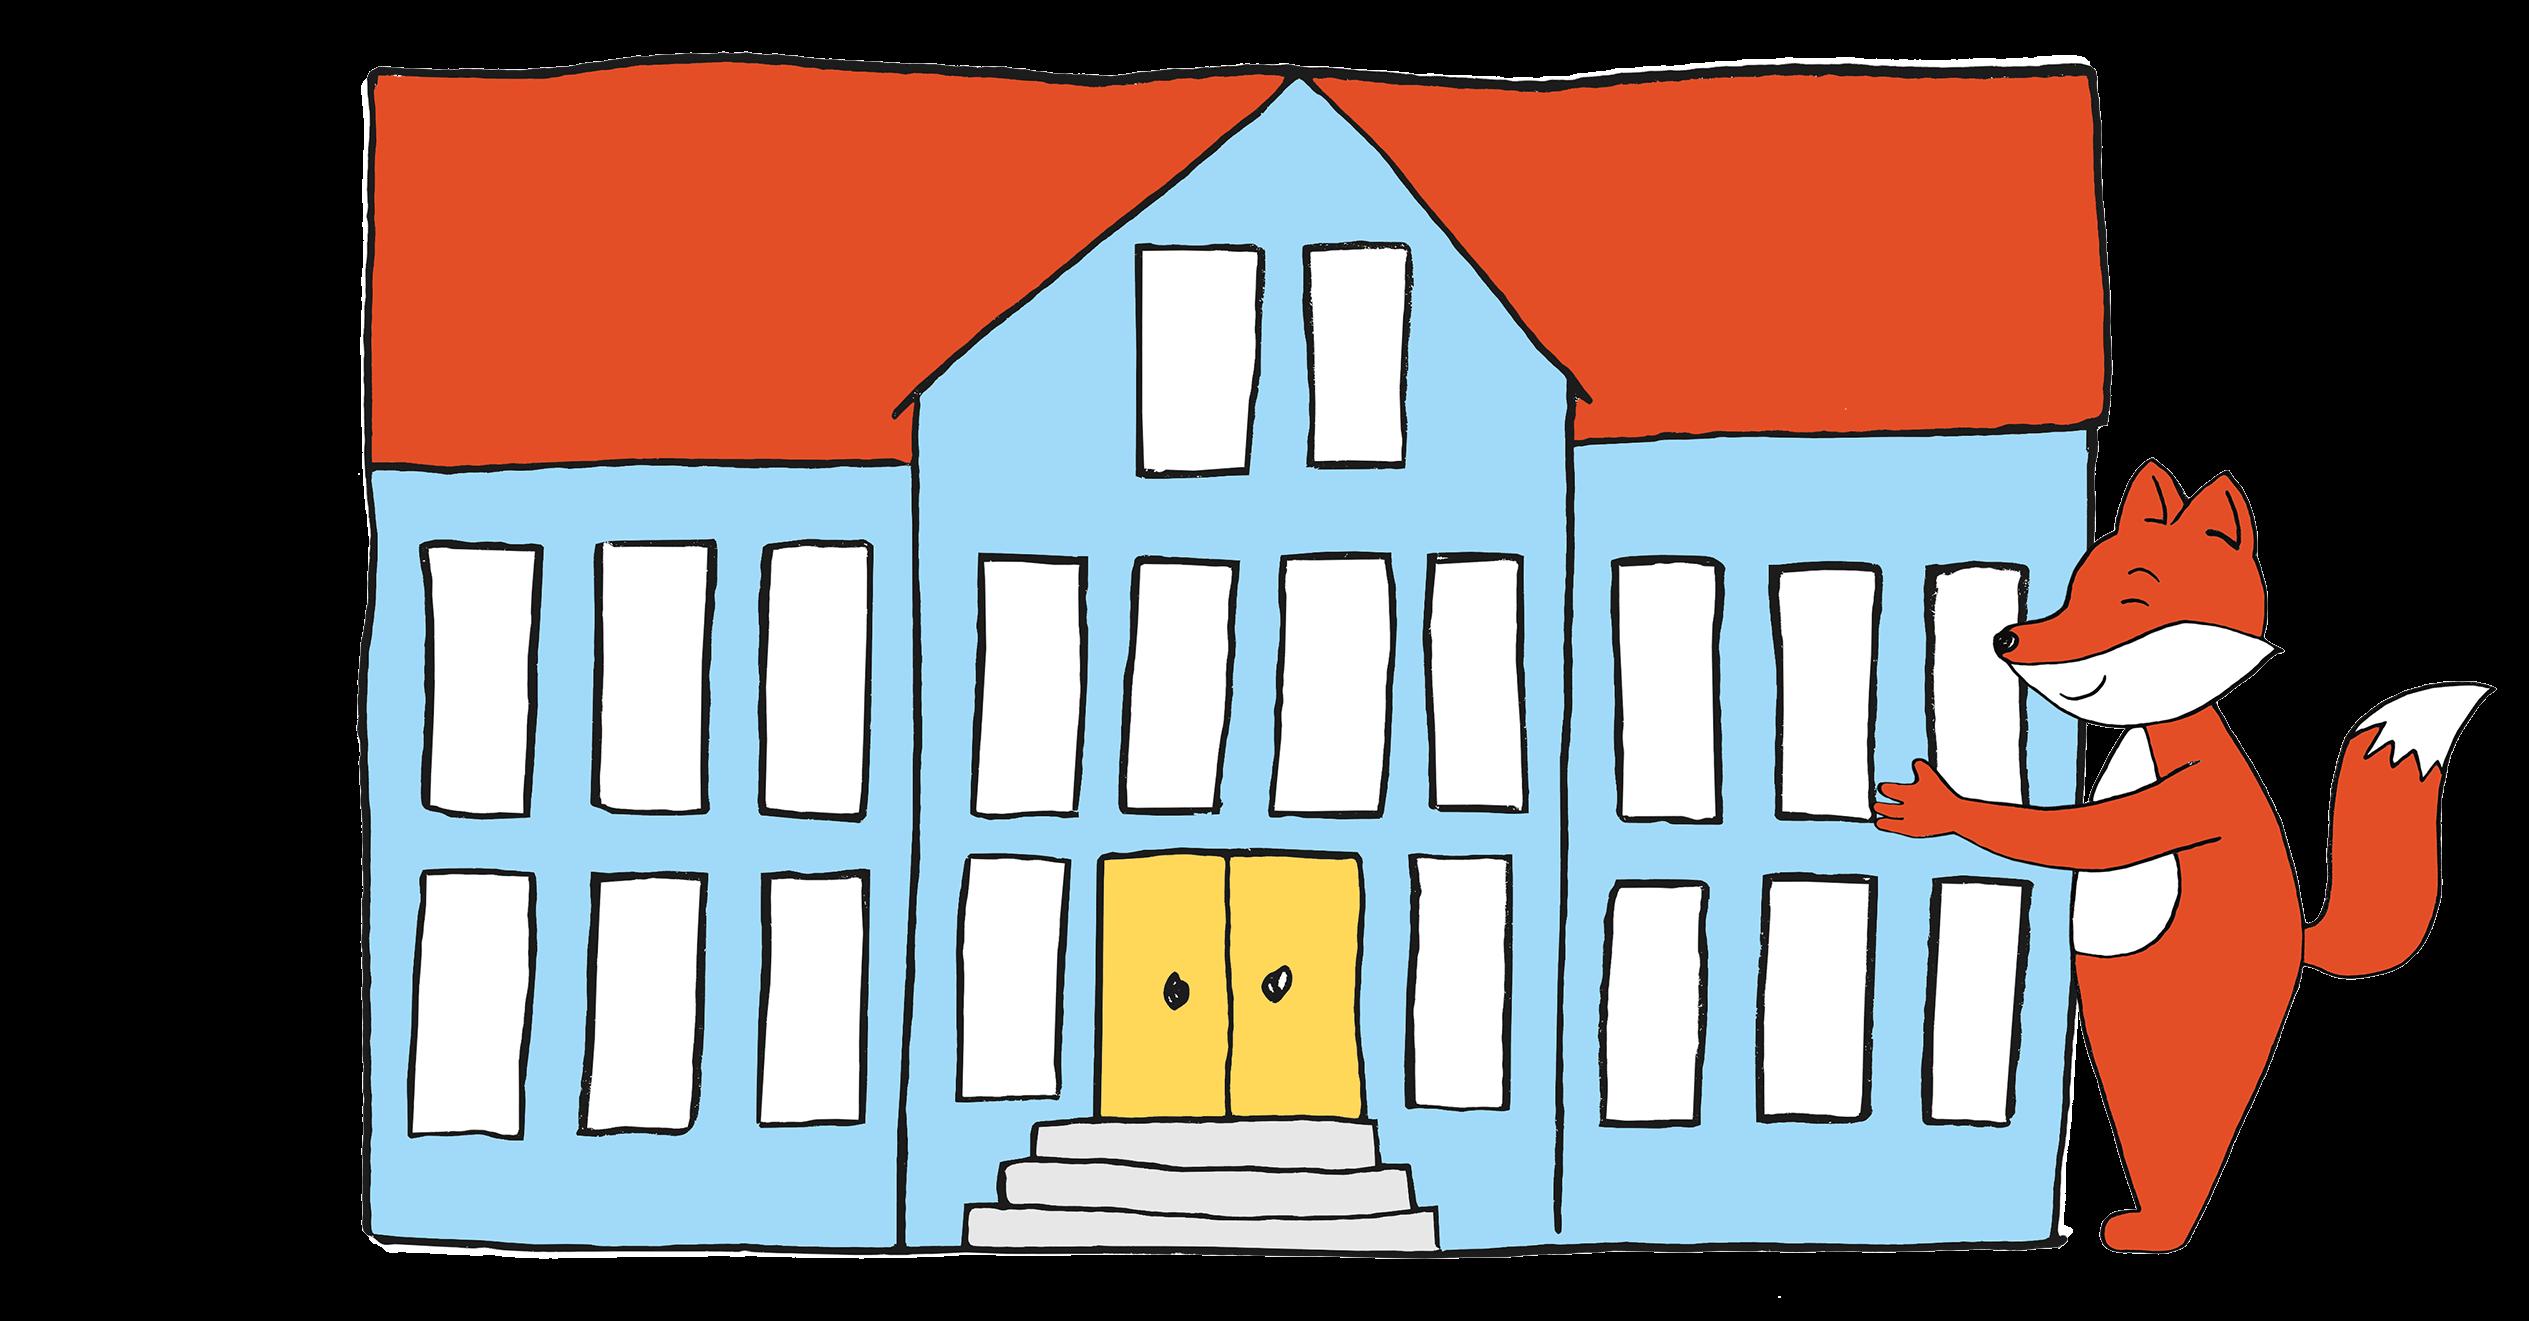 Schulgebäude wird von Comic-Fuchs umarmt